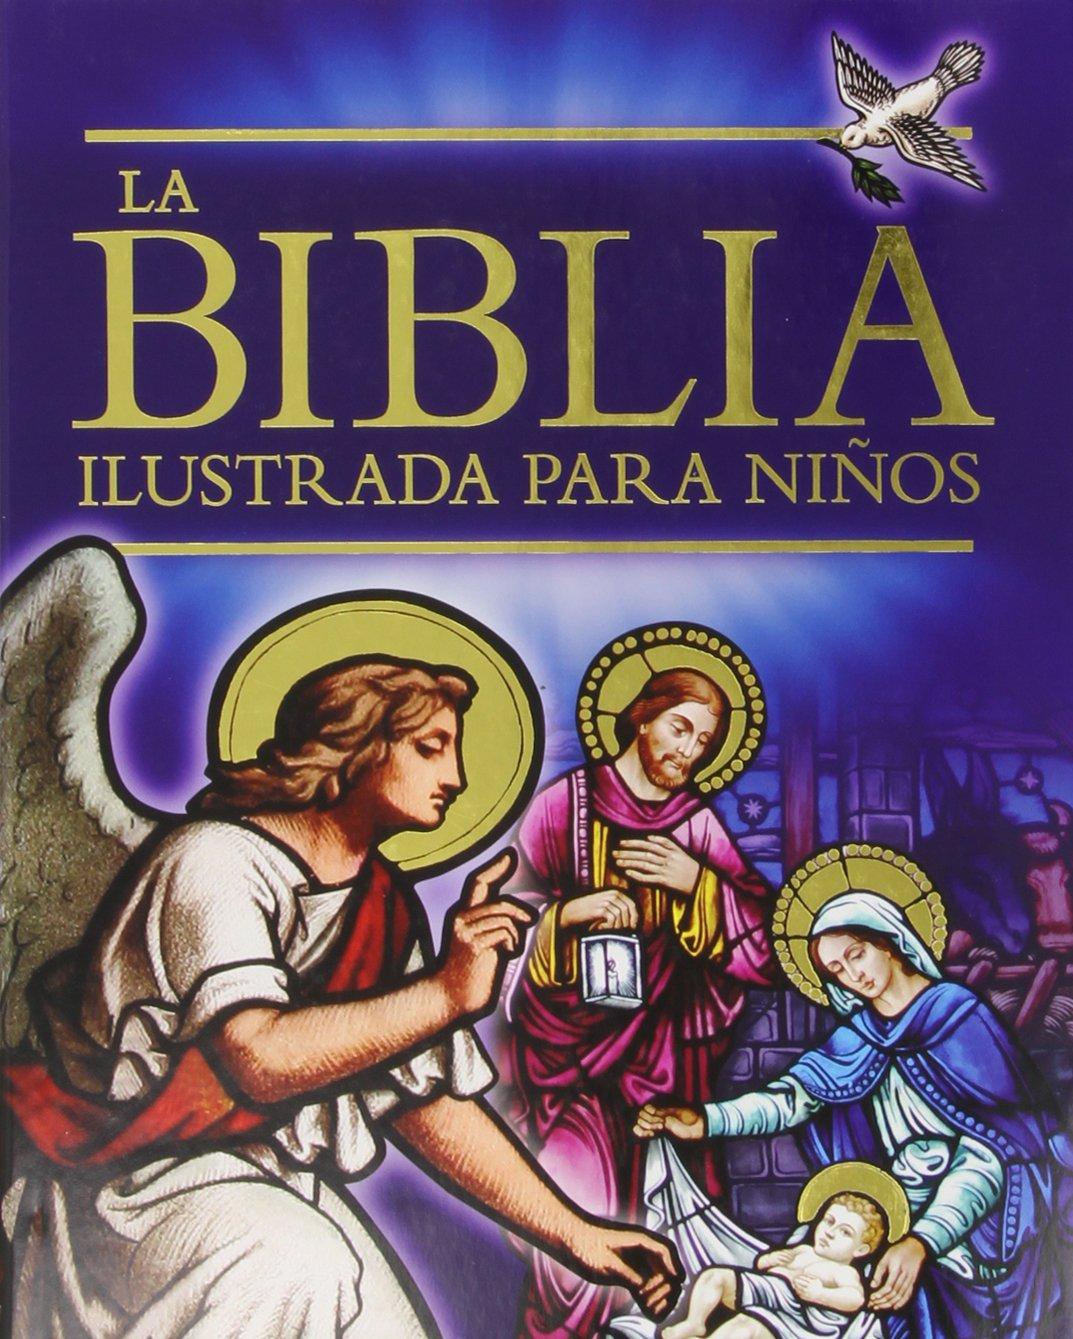 La Biblia Ilustrada para Ninos: Gift edition pdf epub